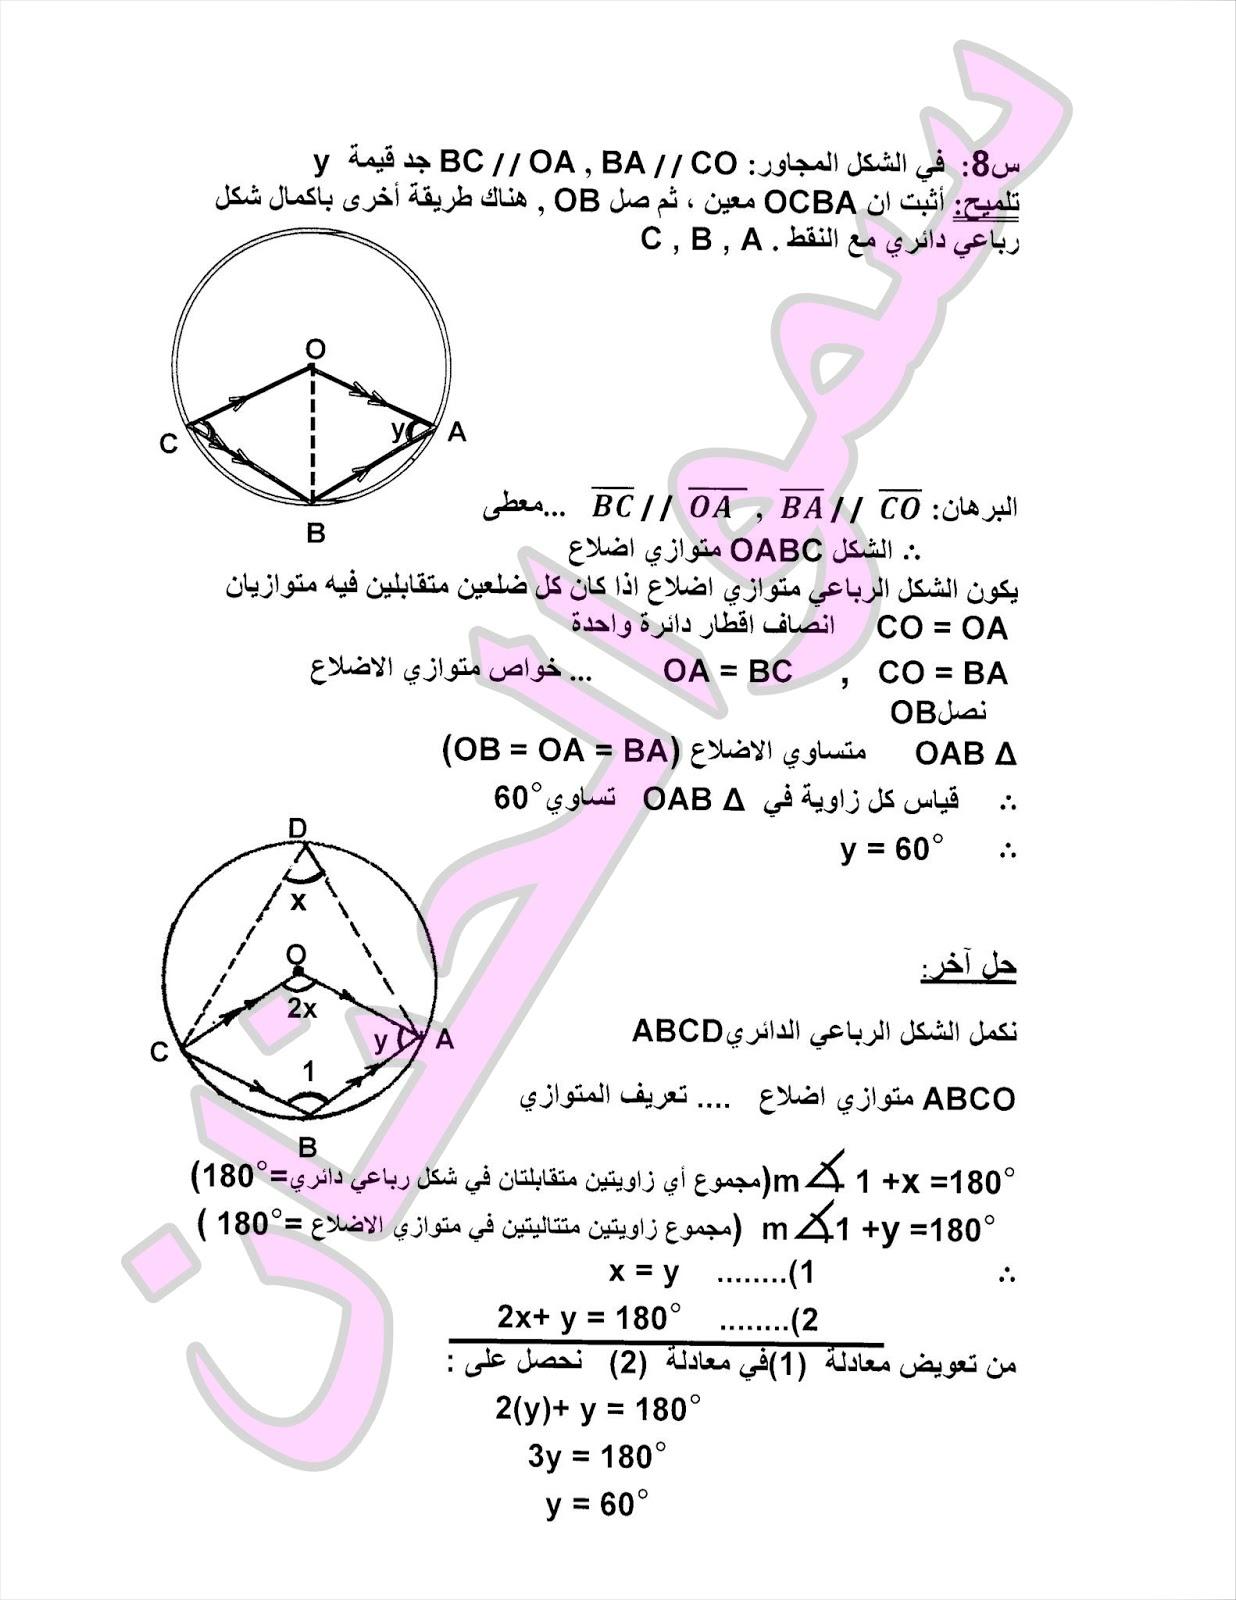 المراجعة المركزة وملخص لمادة الرياضيات للصف الثالث المتوسط 2017 | الجزء 3 2010